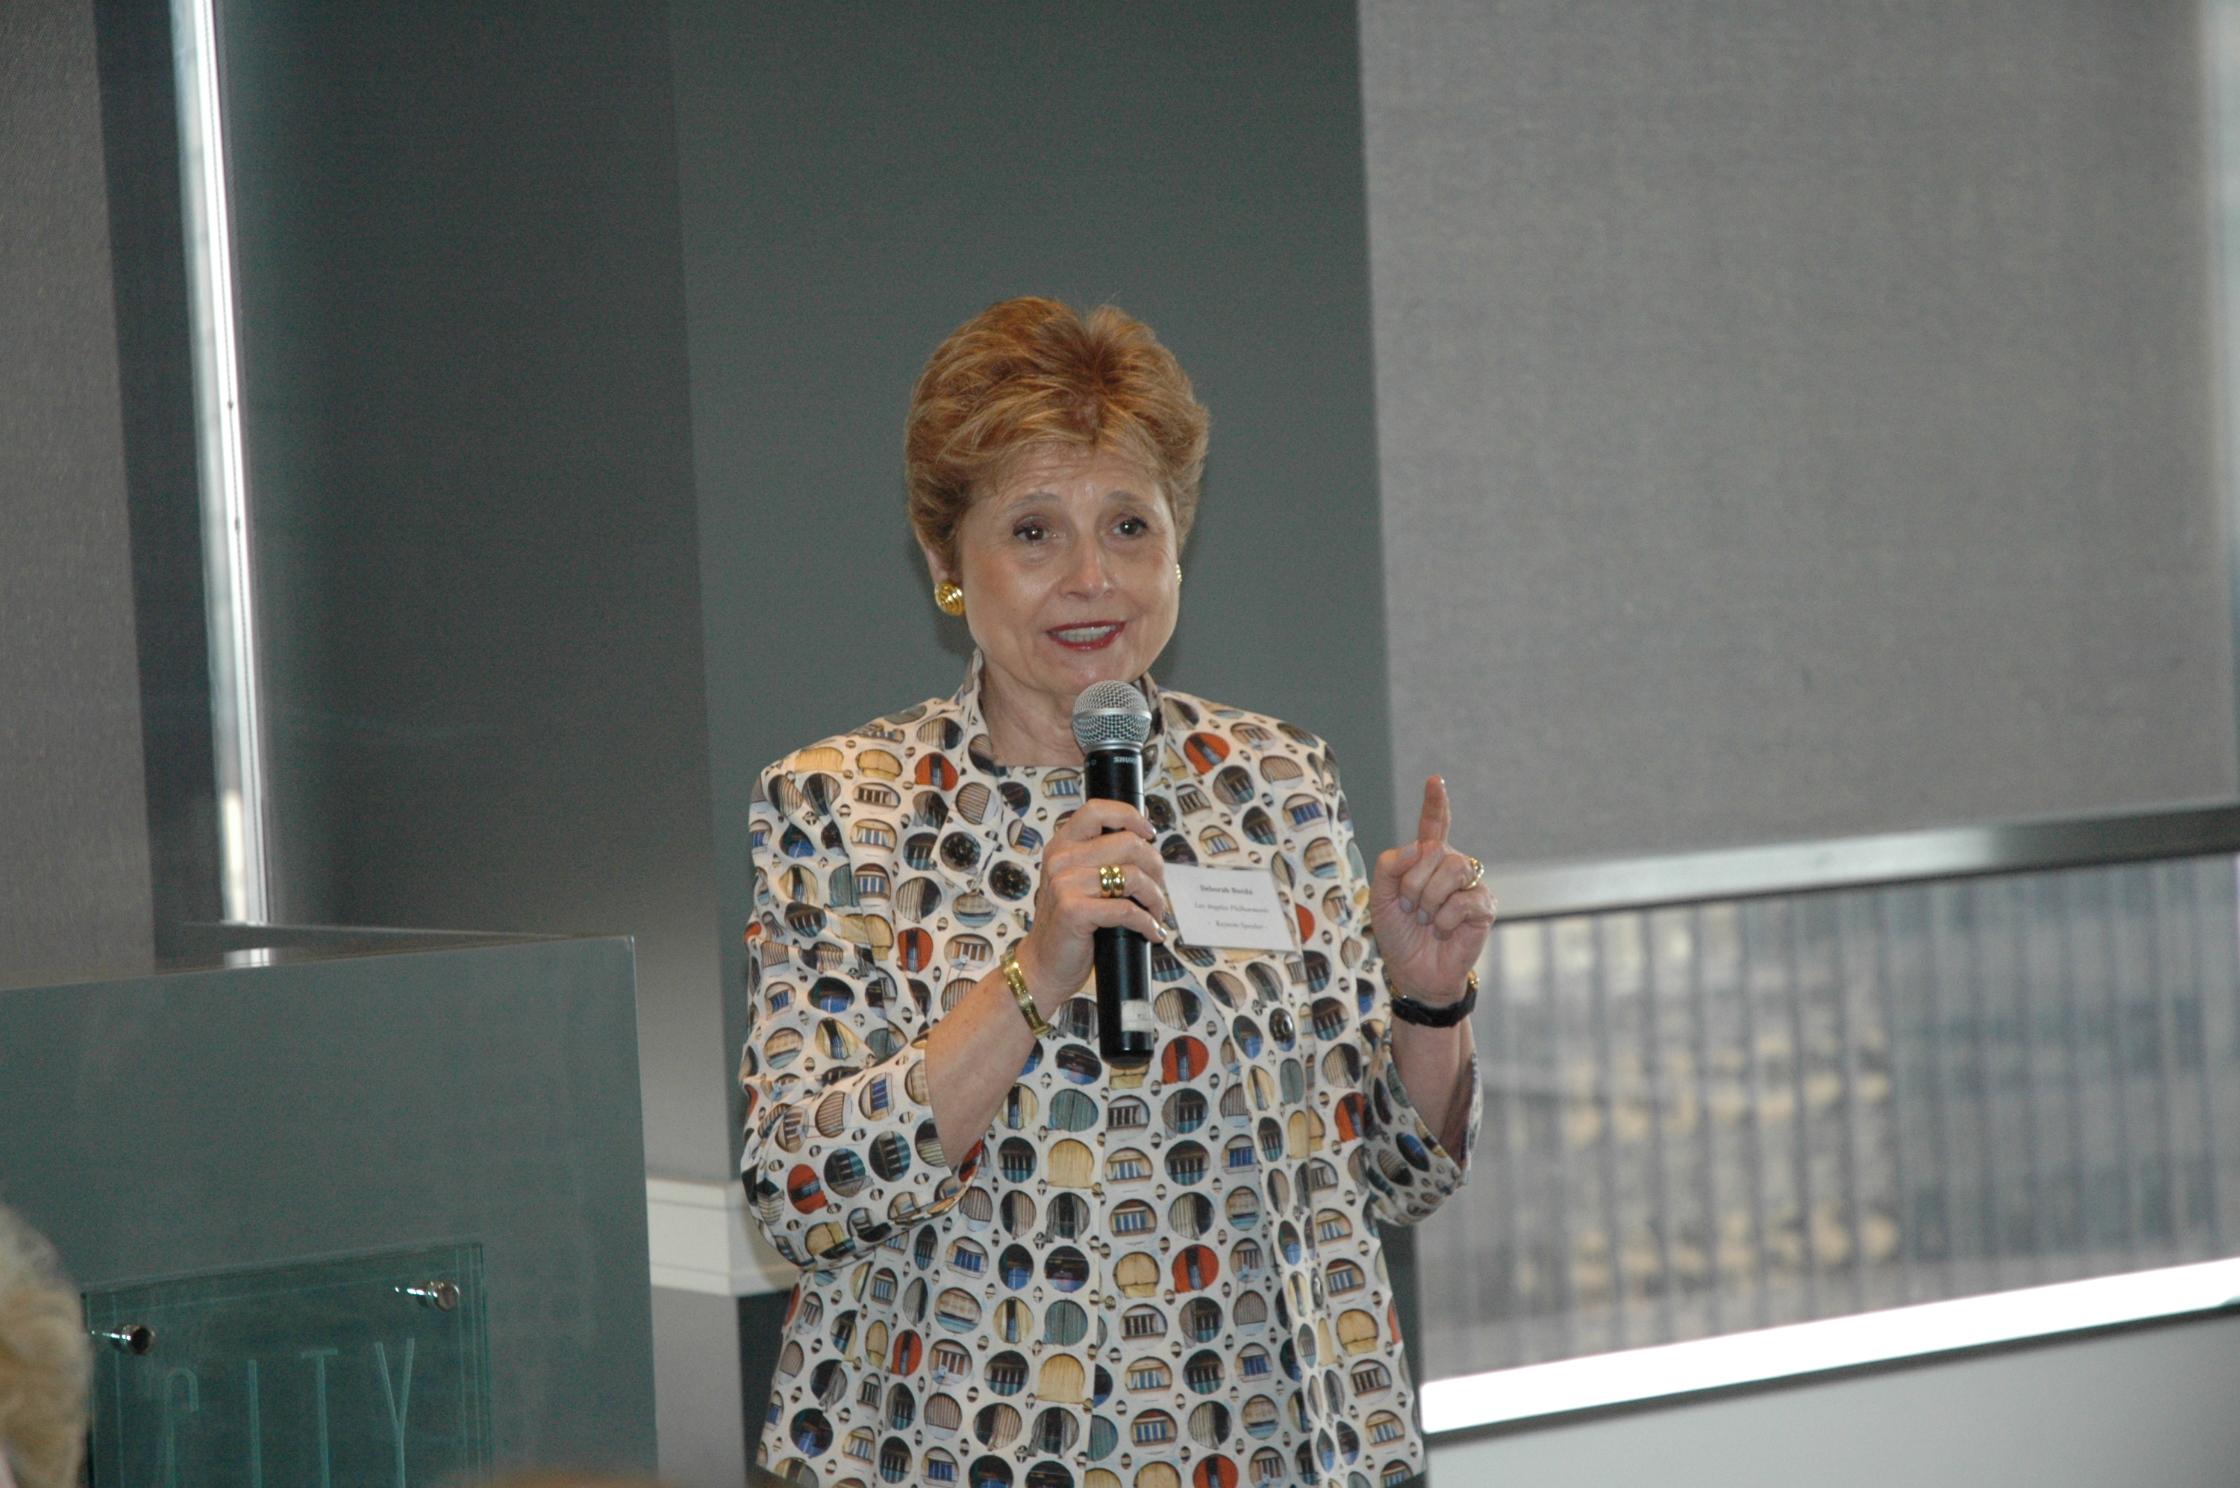 Oct 2014 - Deborah Borda